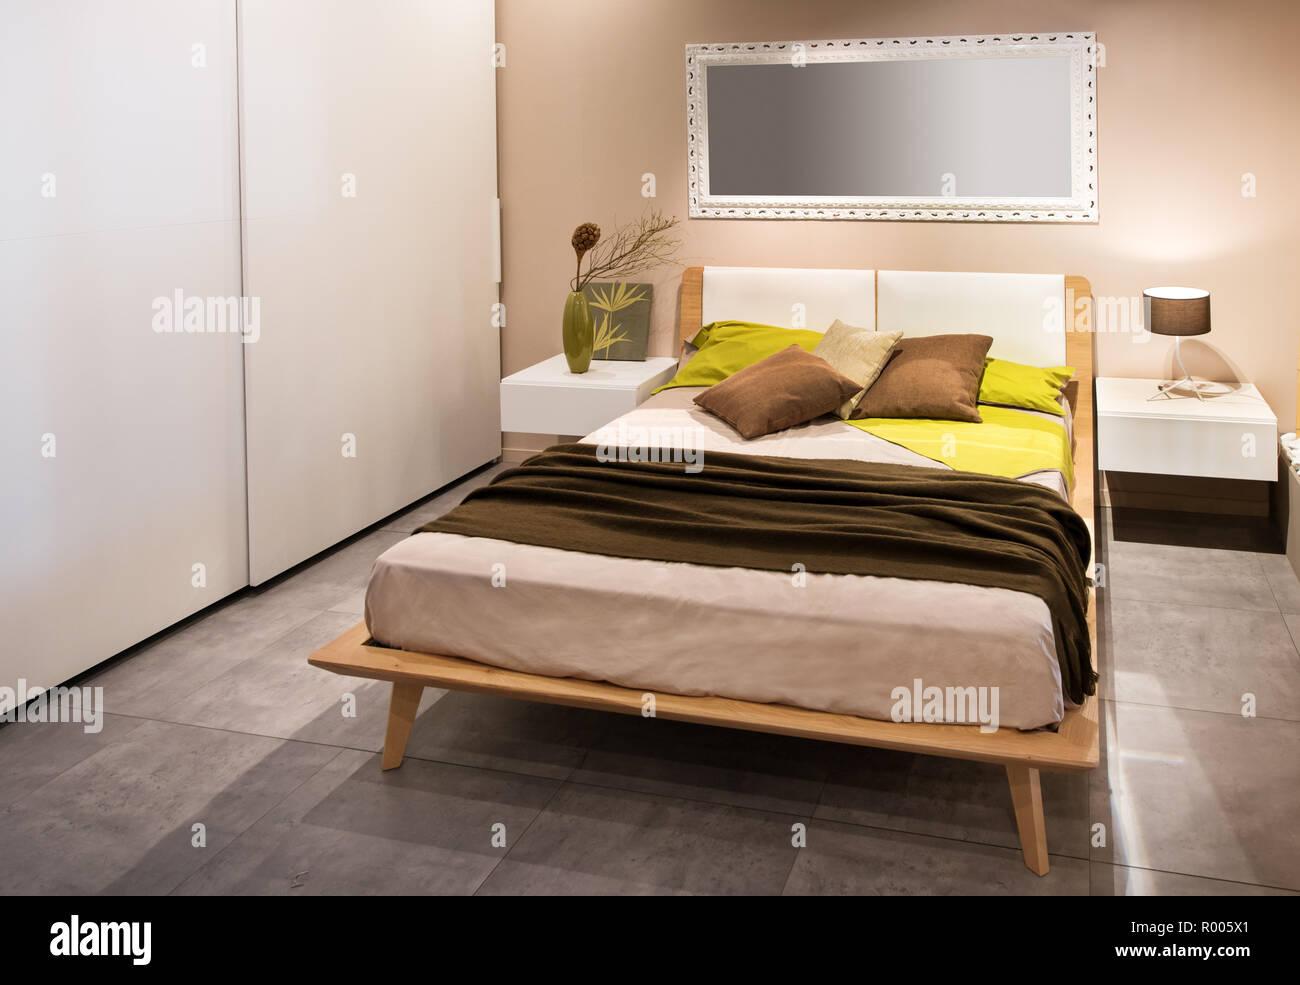 Camere Da Letto Moderne Con Pavimenti In Legno Di Stile Scandinavo E